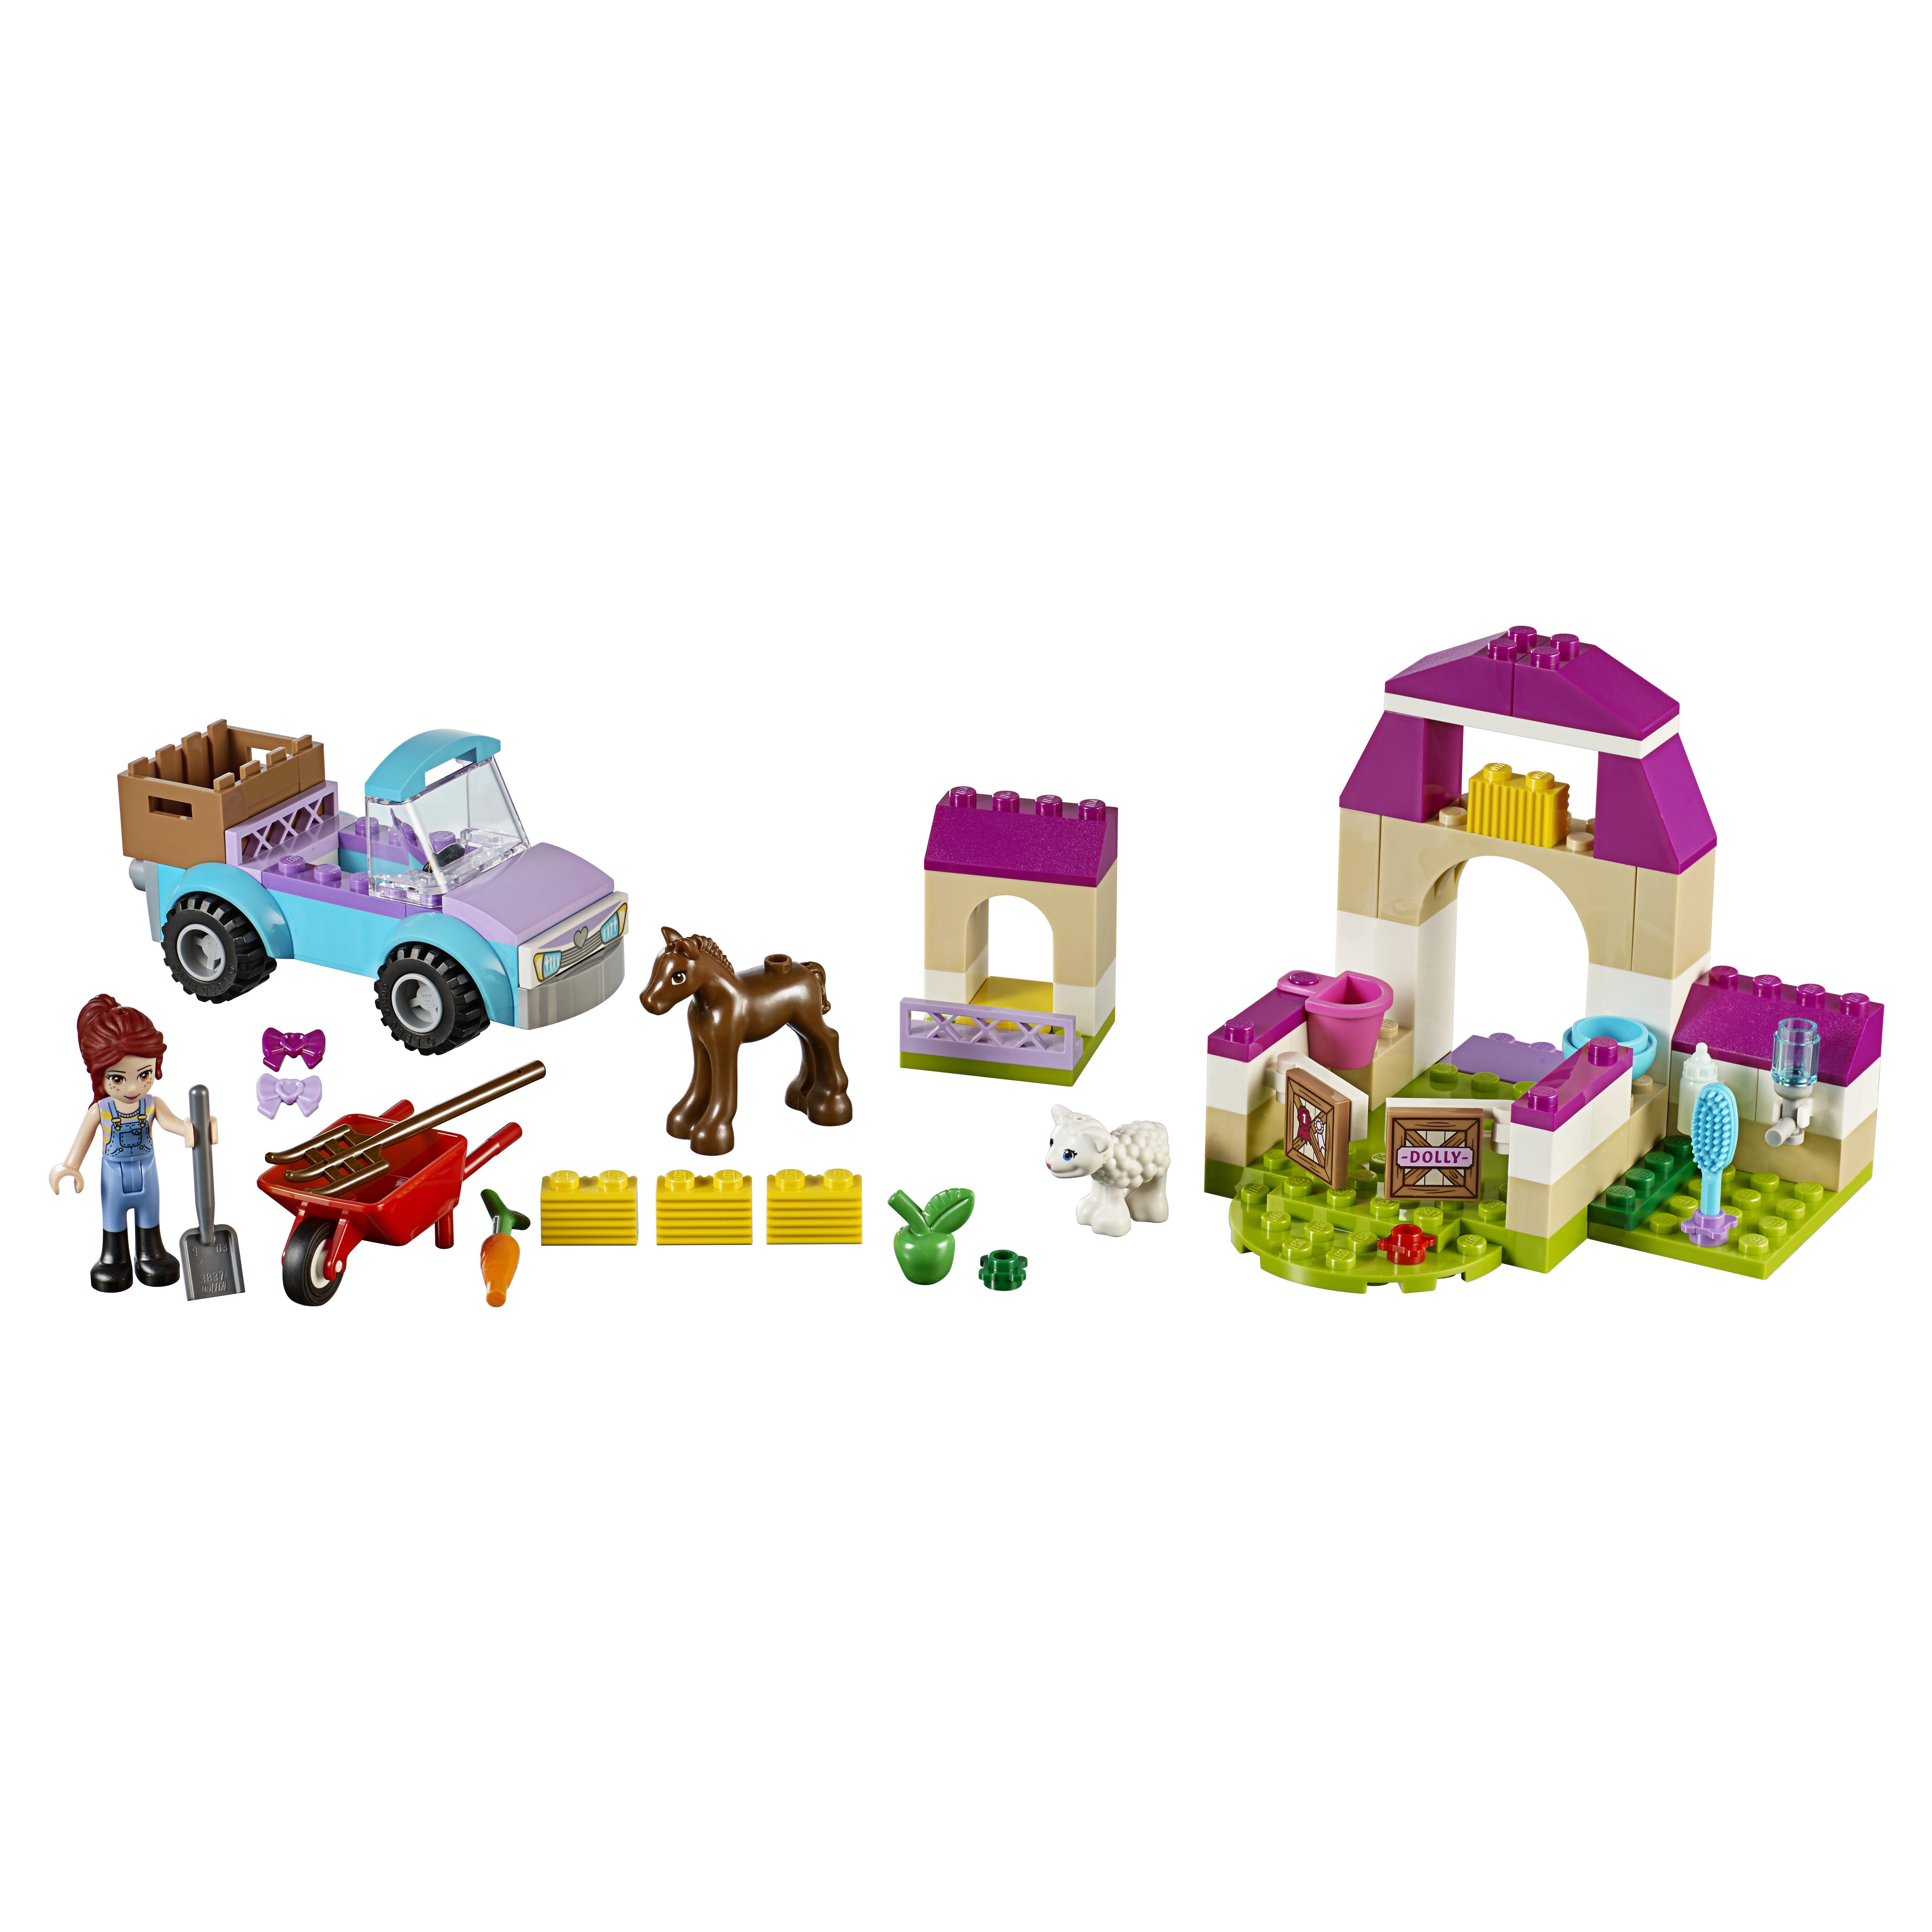 Конструктор LEGO Juniors Чемоданчик Ферма Мии (10746) фото